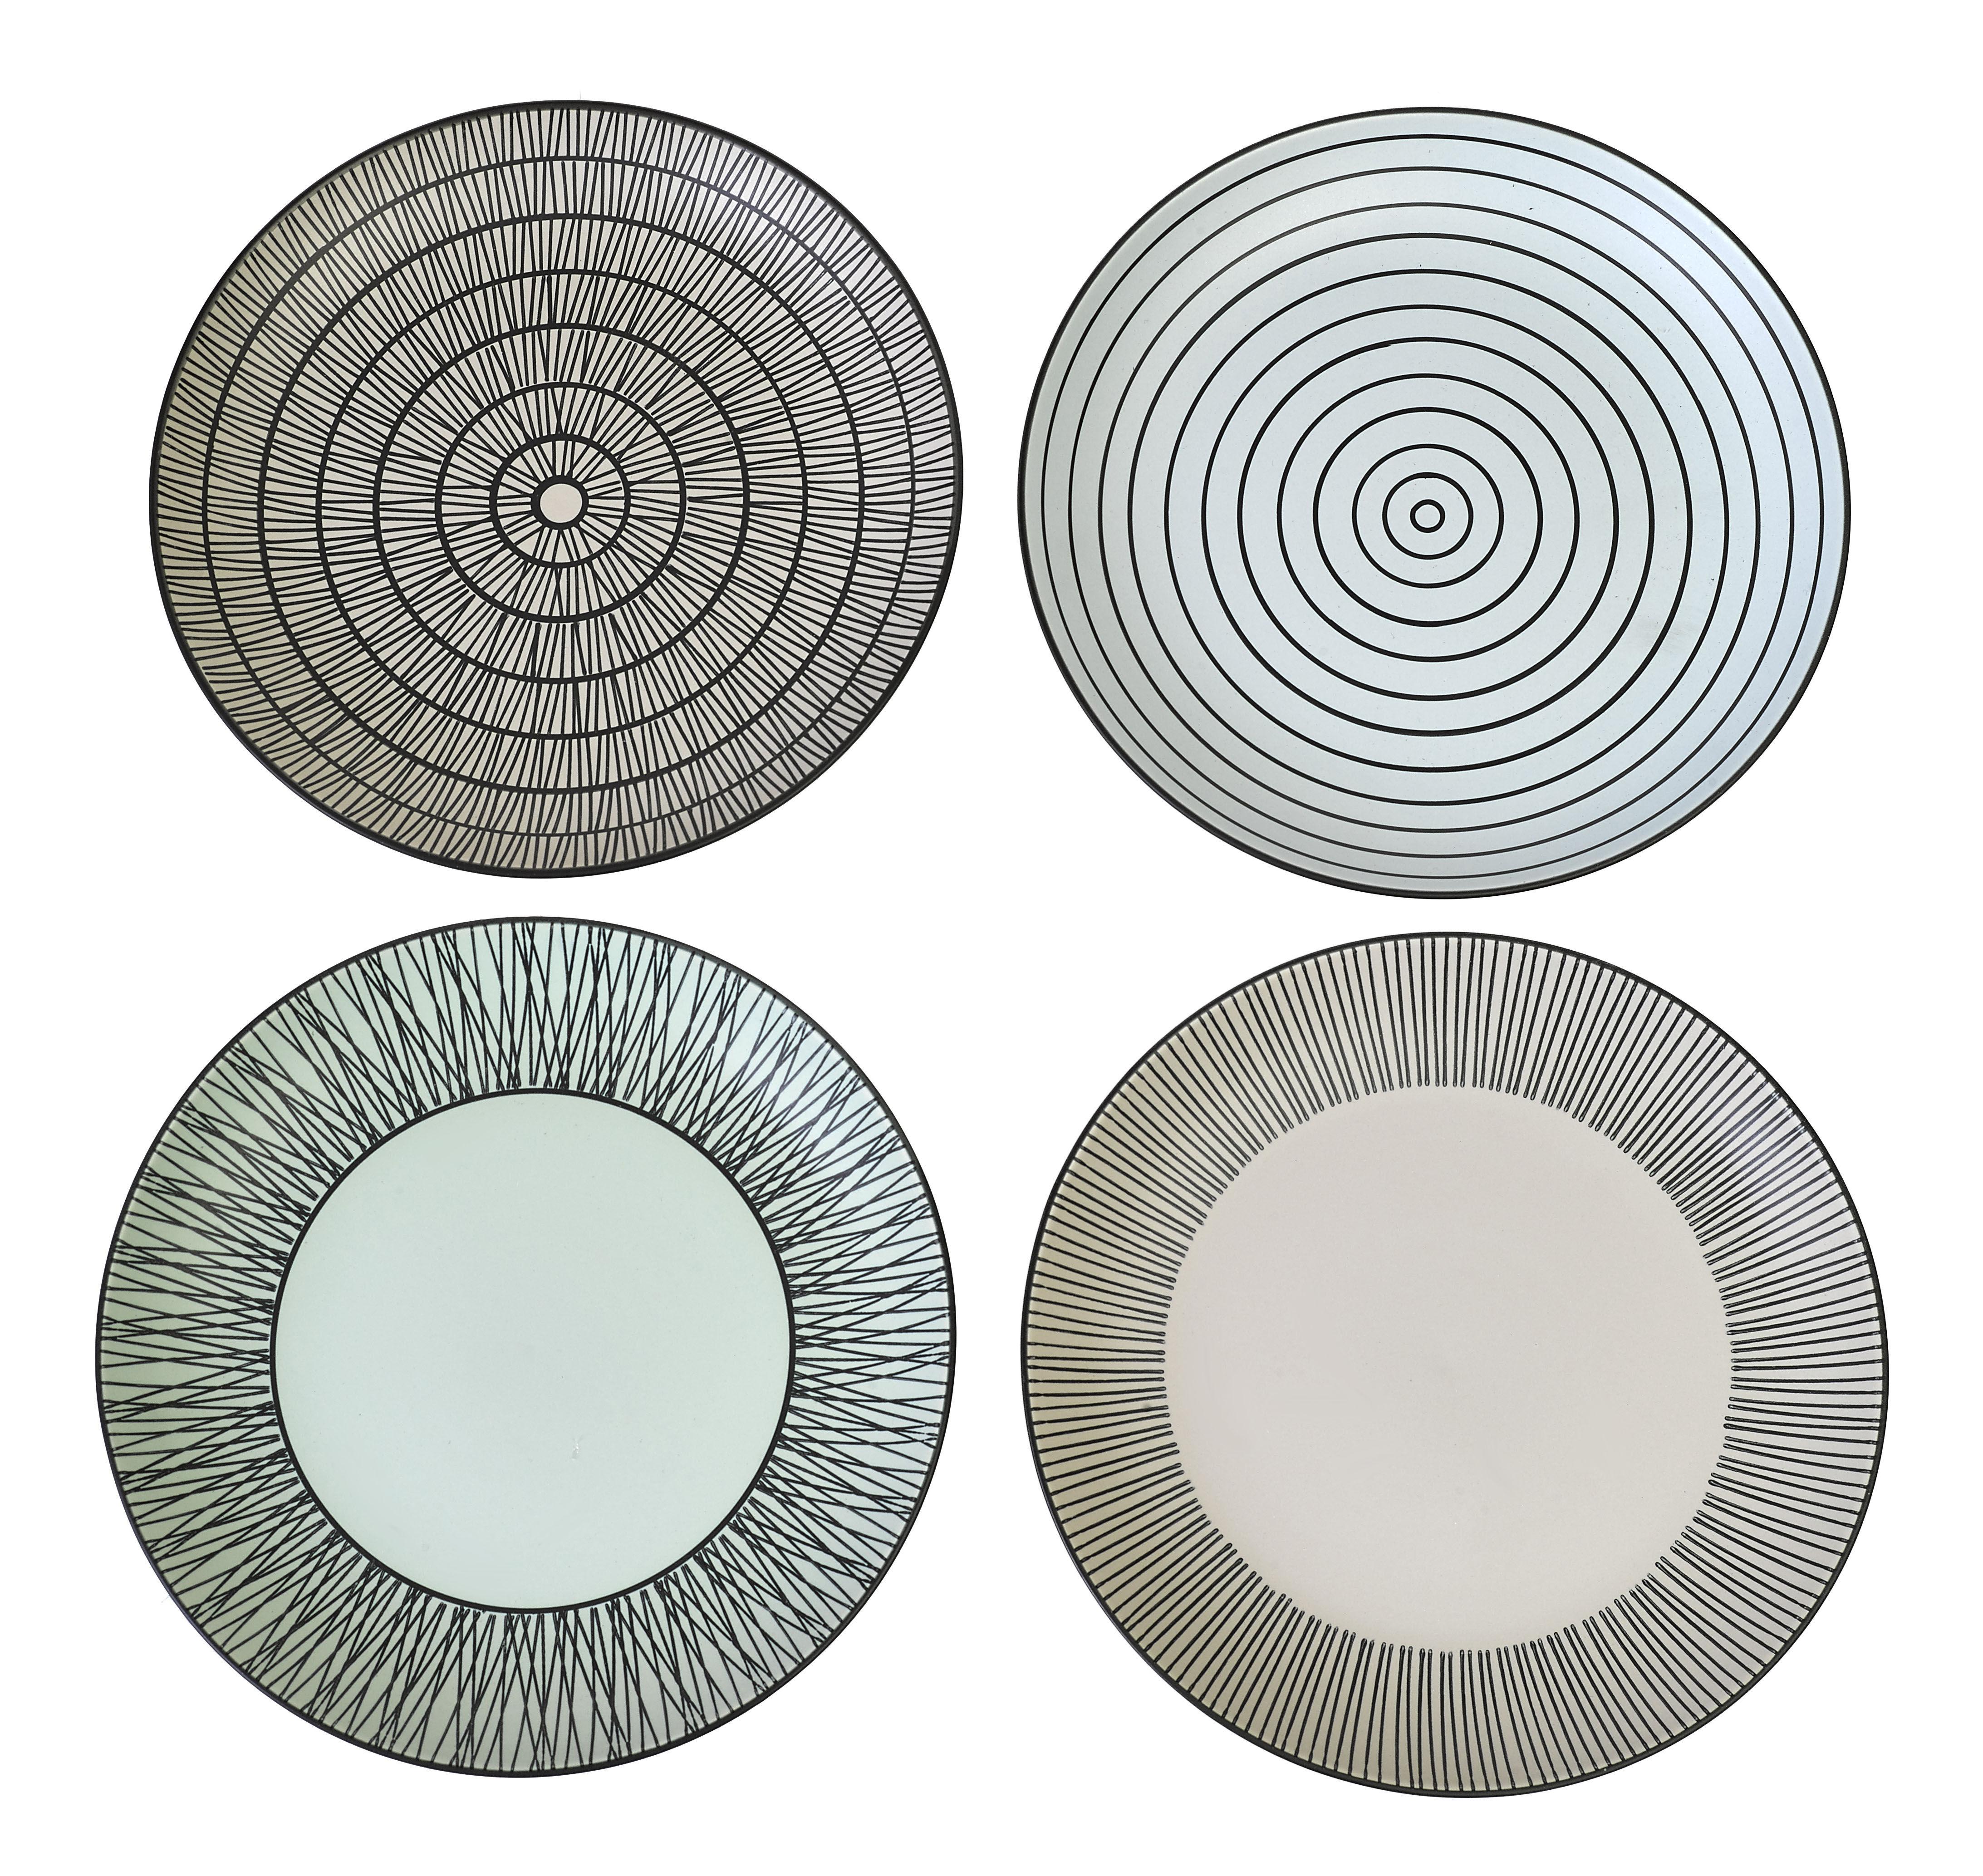 Arts de la table - Assiettes - Assiette à dessert Pastel Afresh / Ø 20 cm - Set de 4 - Peint à la main - Pols Potten - Noir & blanc - Porcelaine émaillée